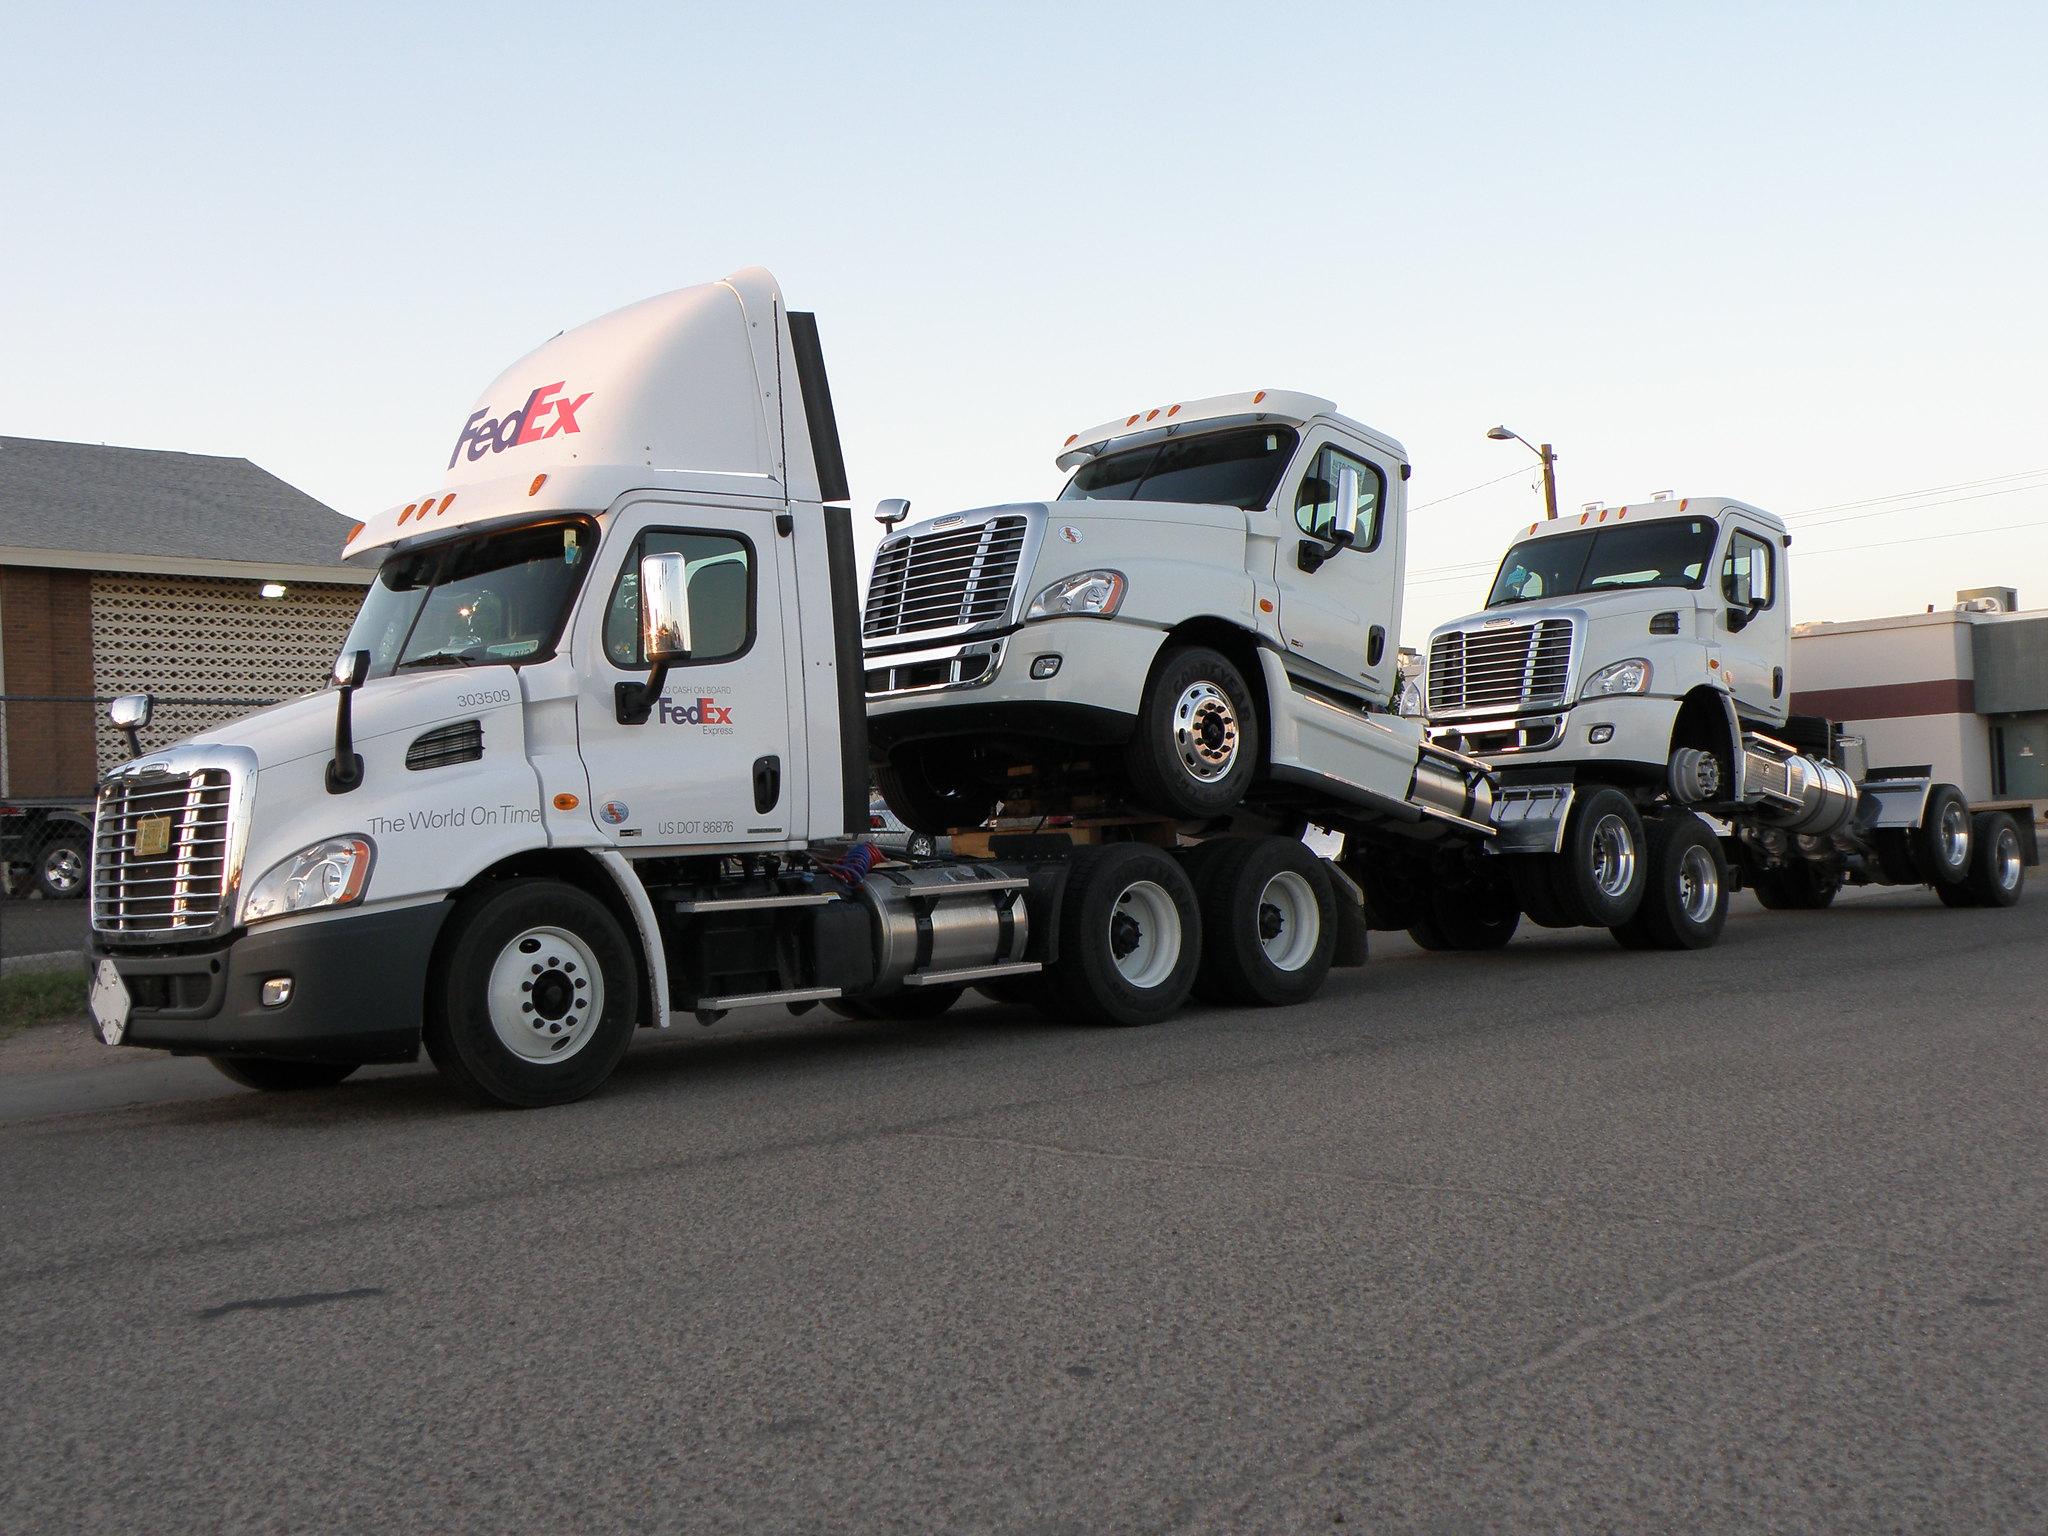 Three piggybacking trucks